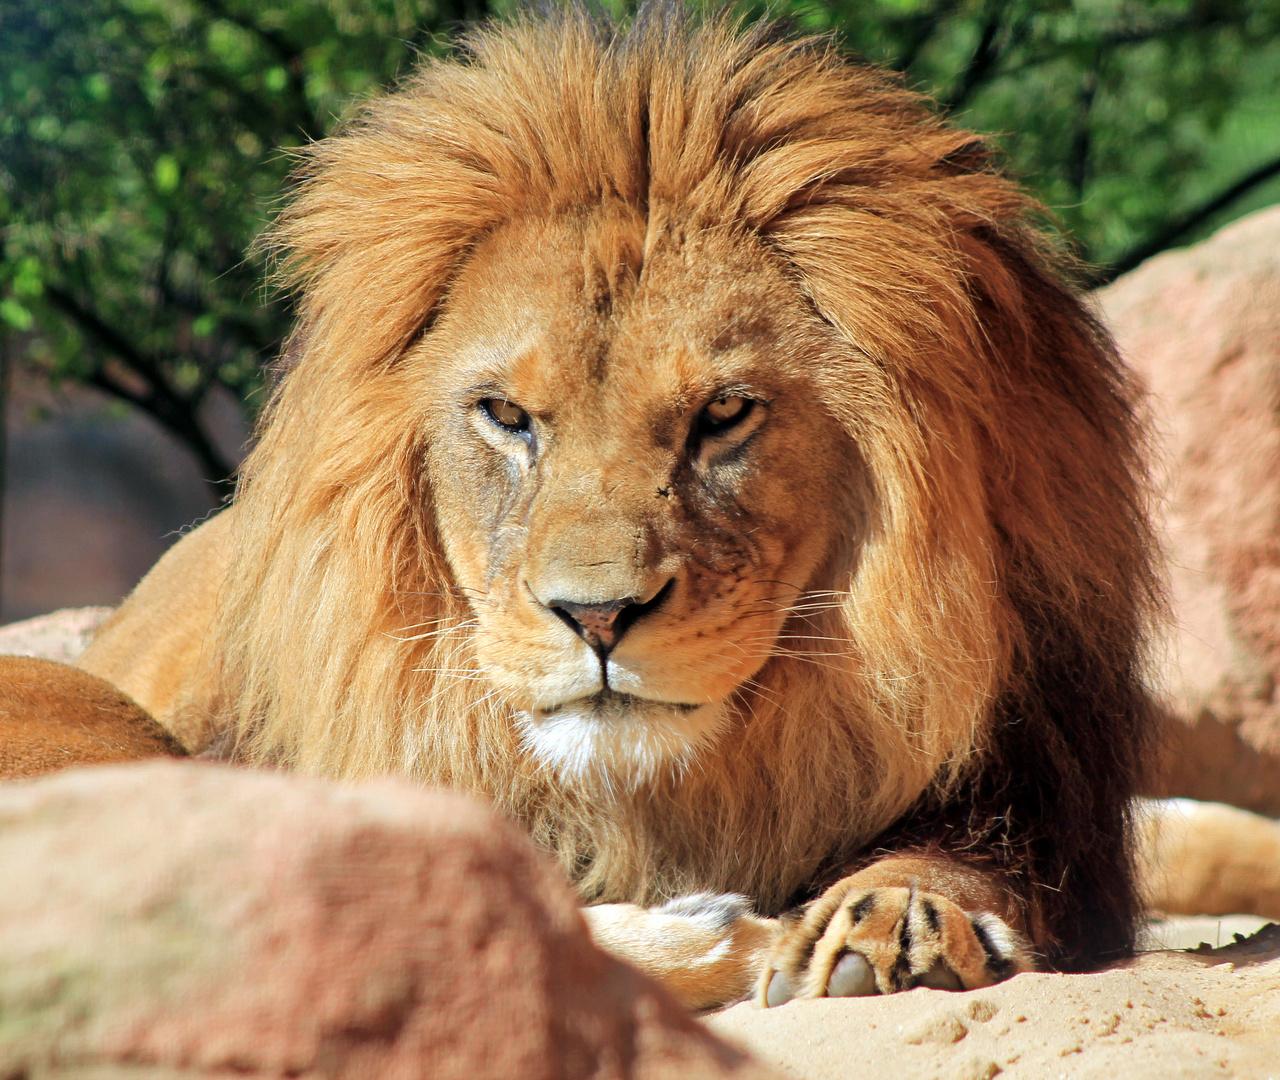 Der König des Zoos